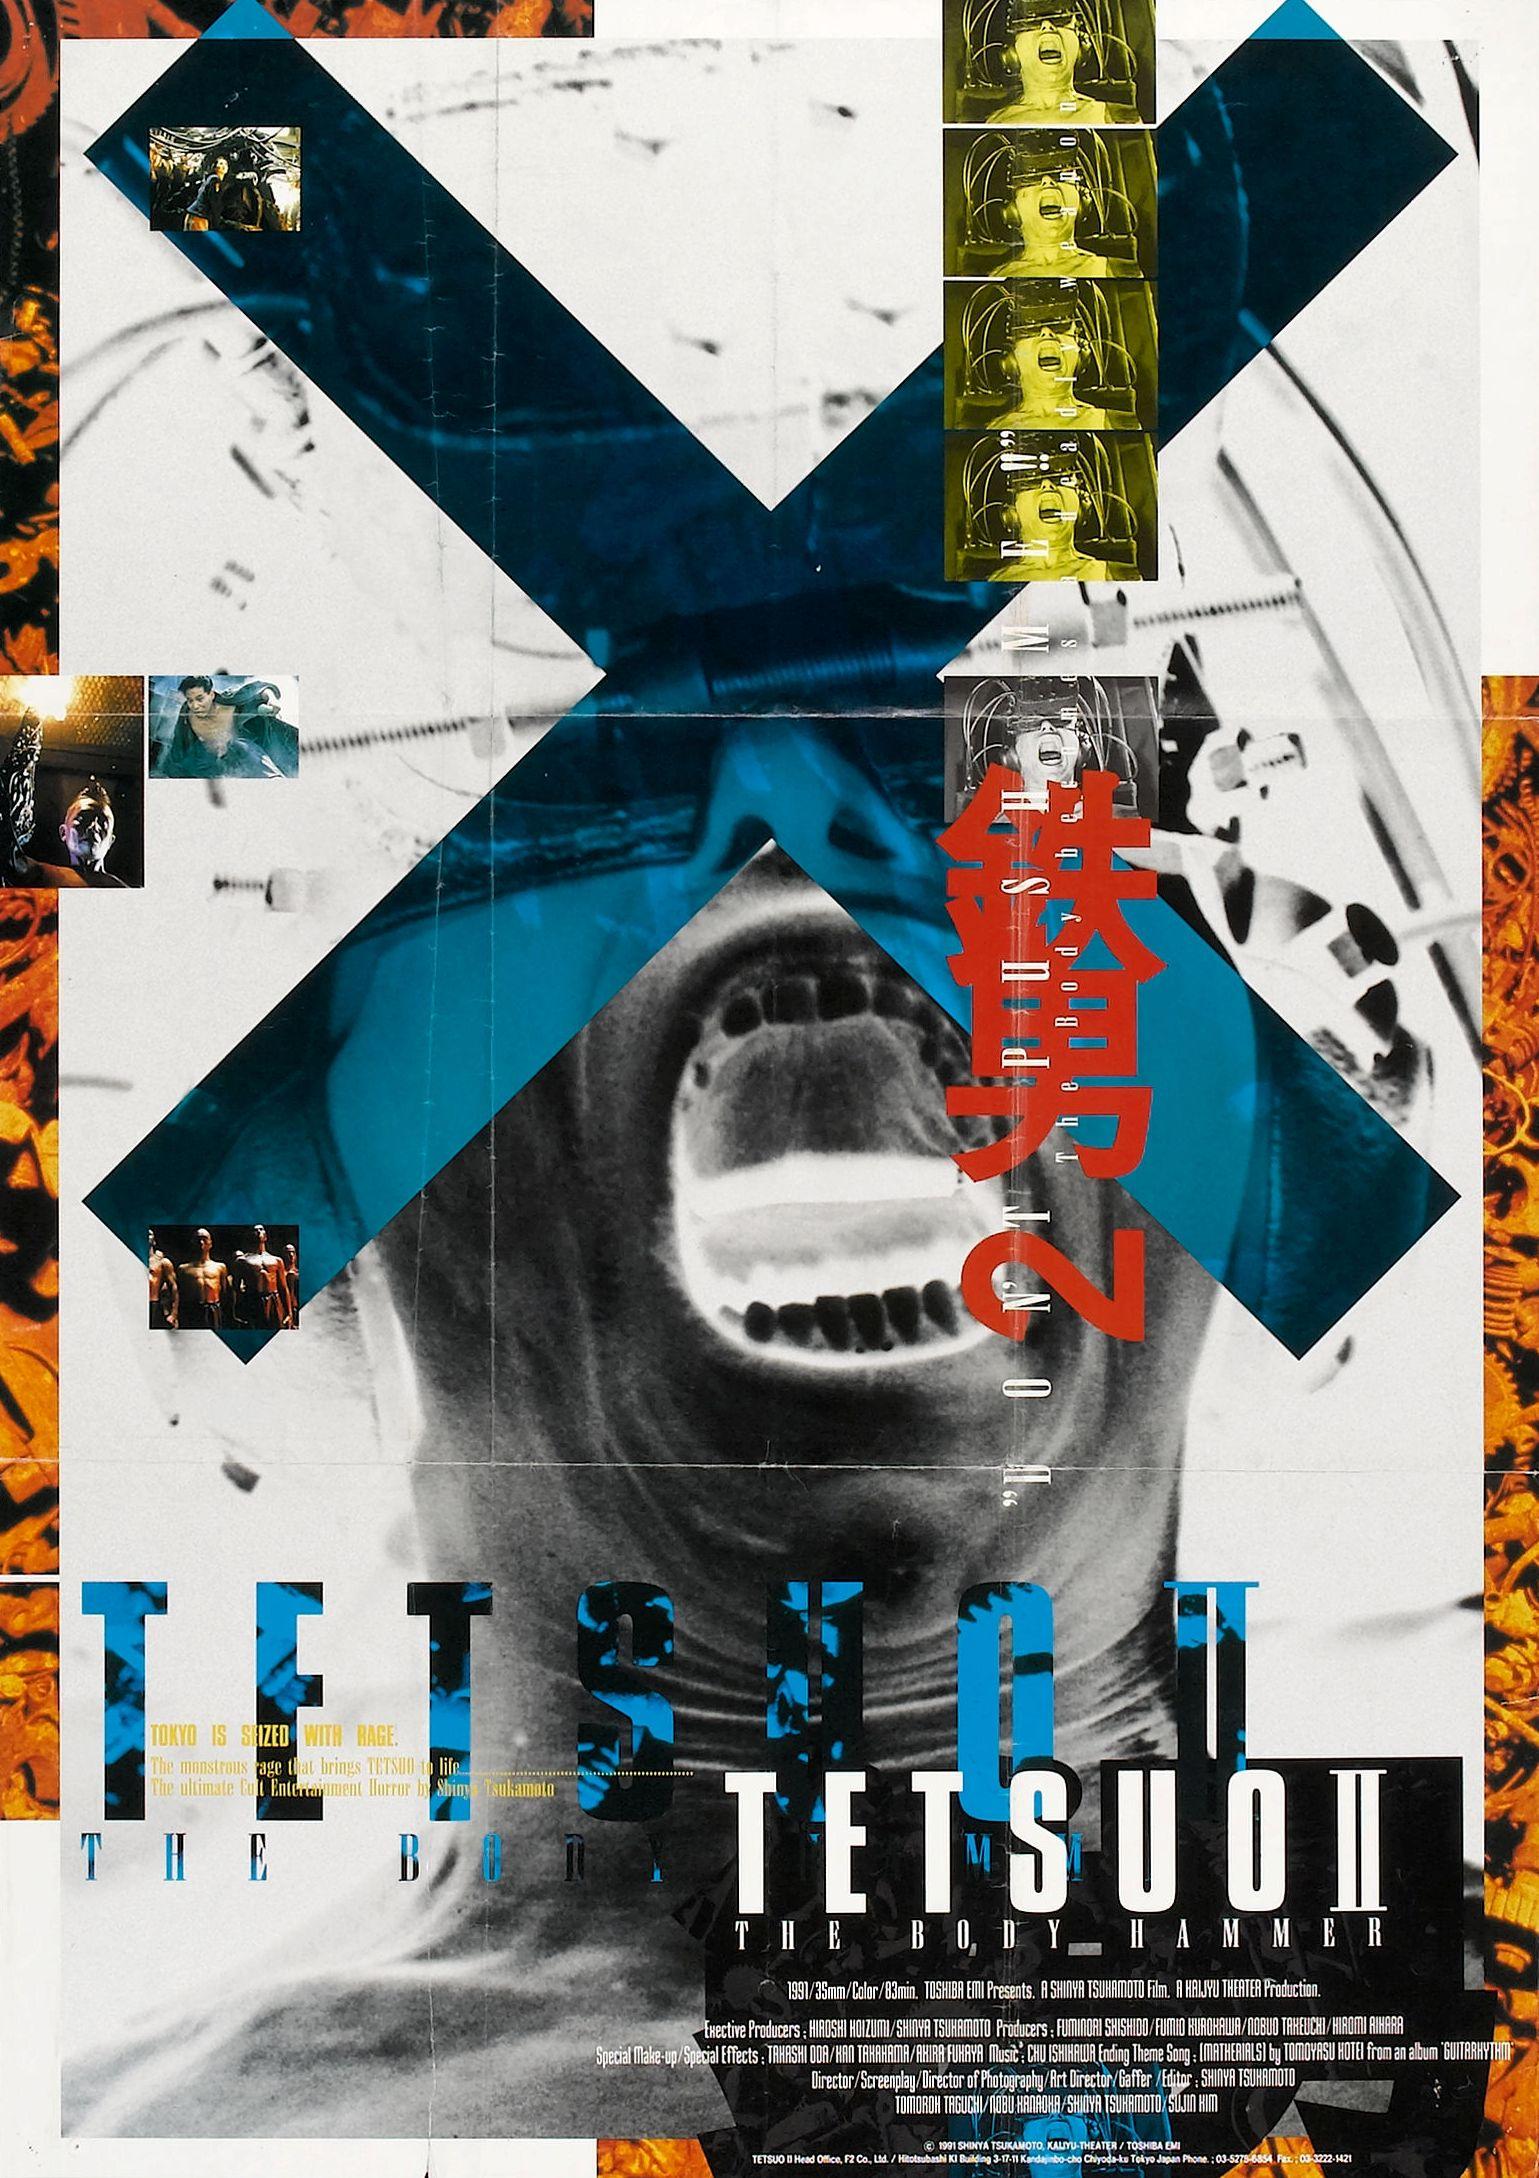 tetsuo_2_body_hammer_poster_1992_01.jpg